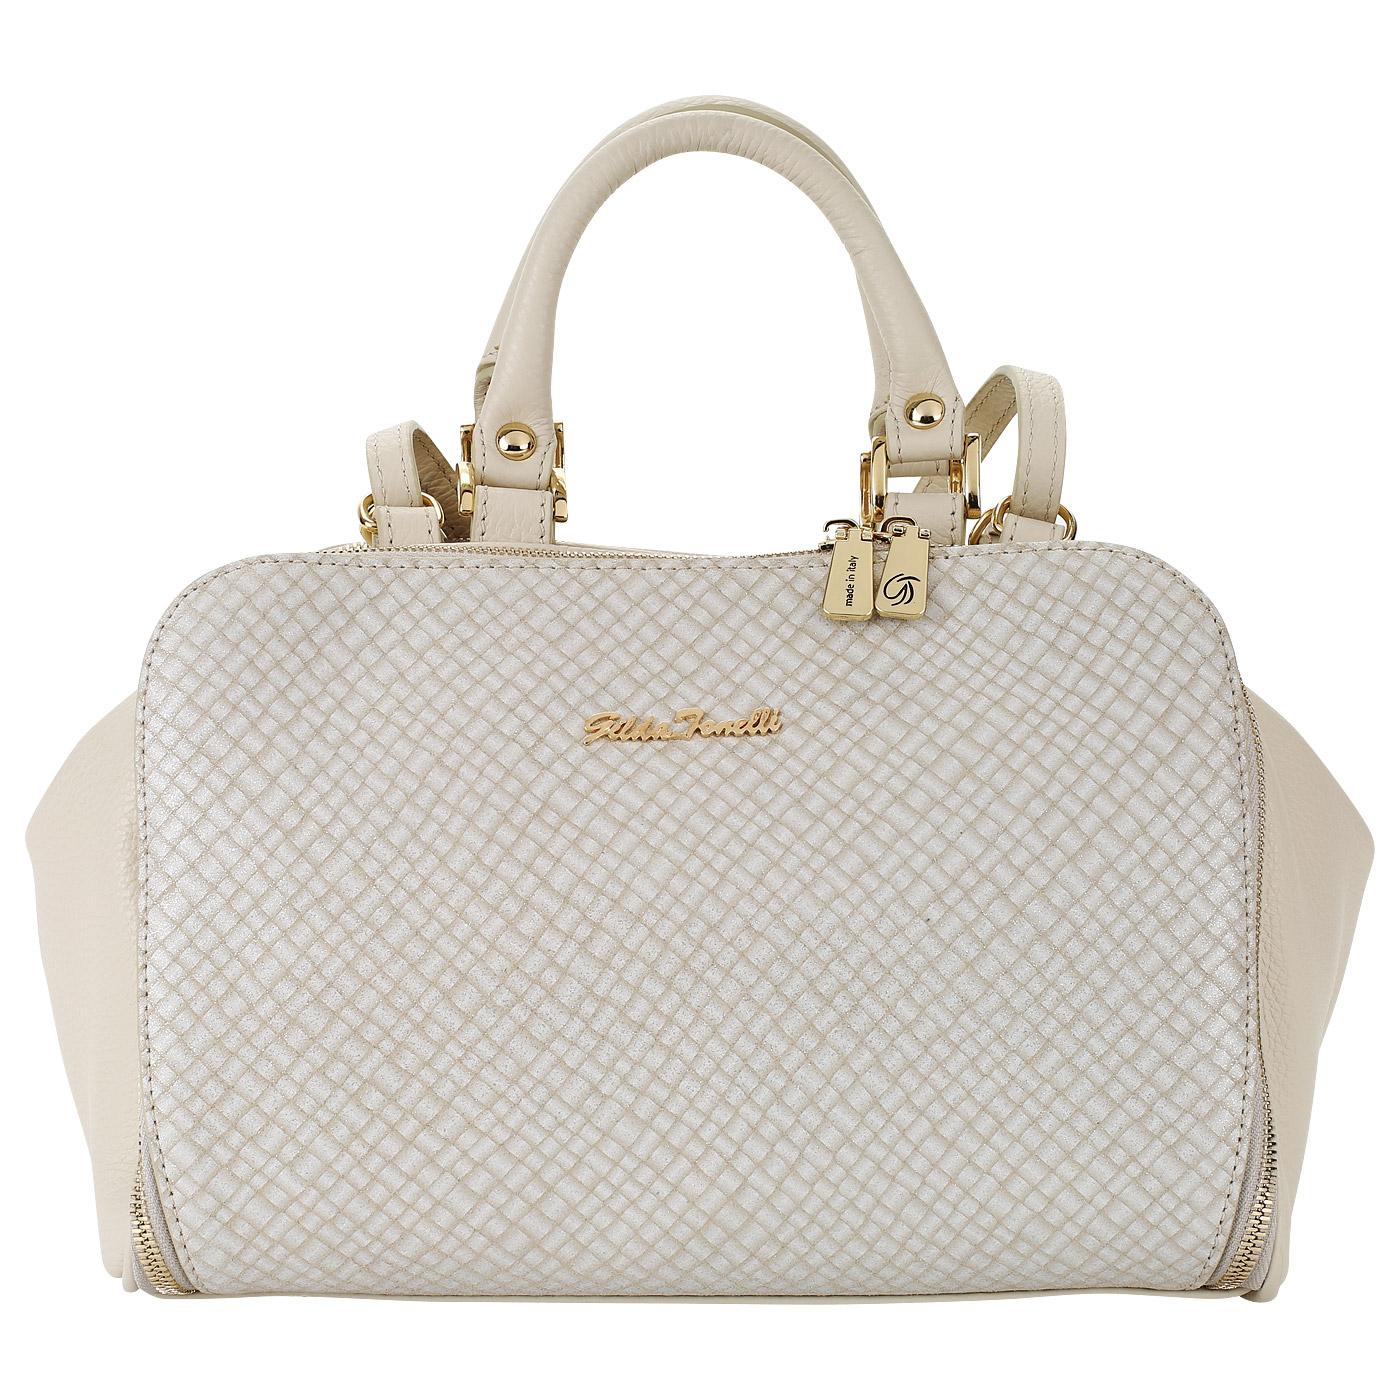 62825d114ef5 Женская сумка с тремя отделами и ремешком Gilda Tonelli Adria ...